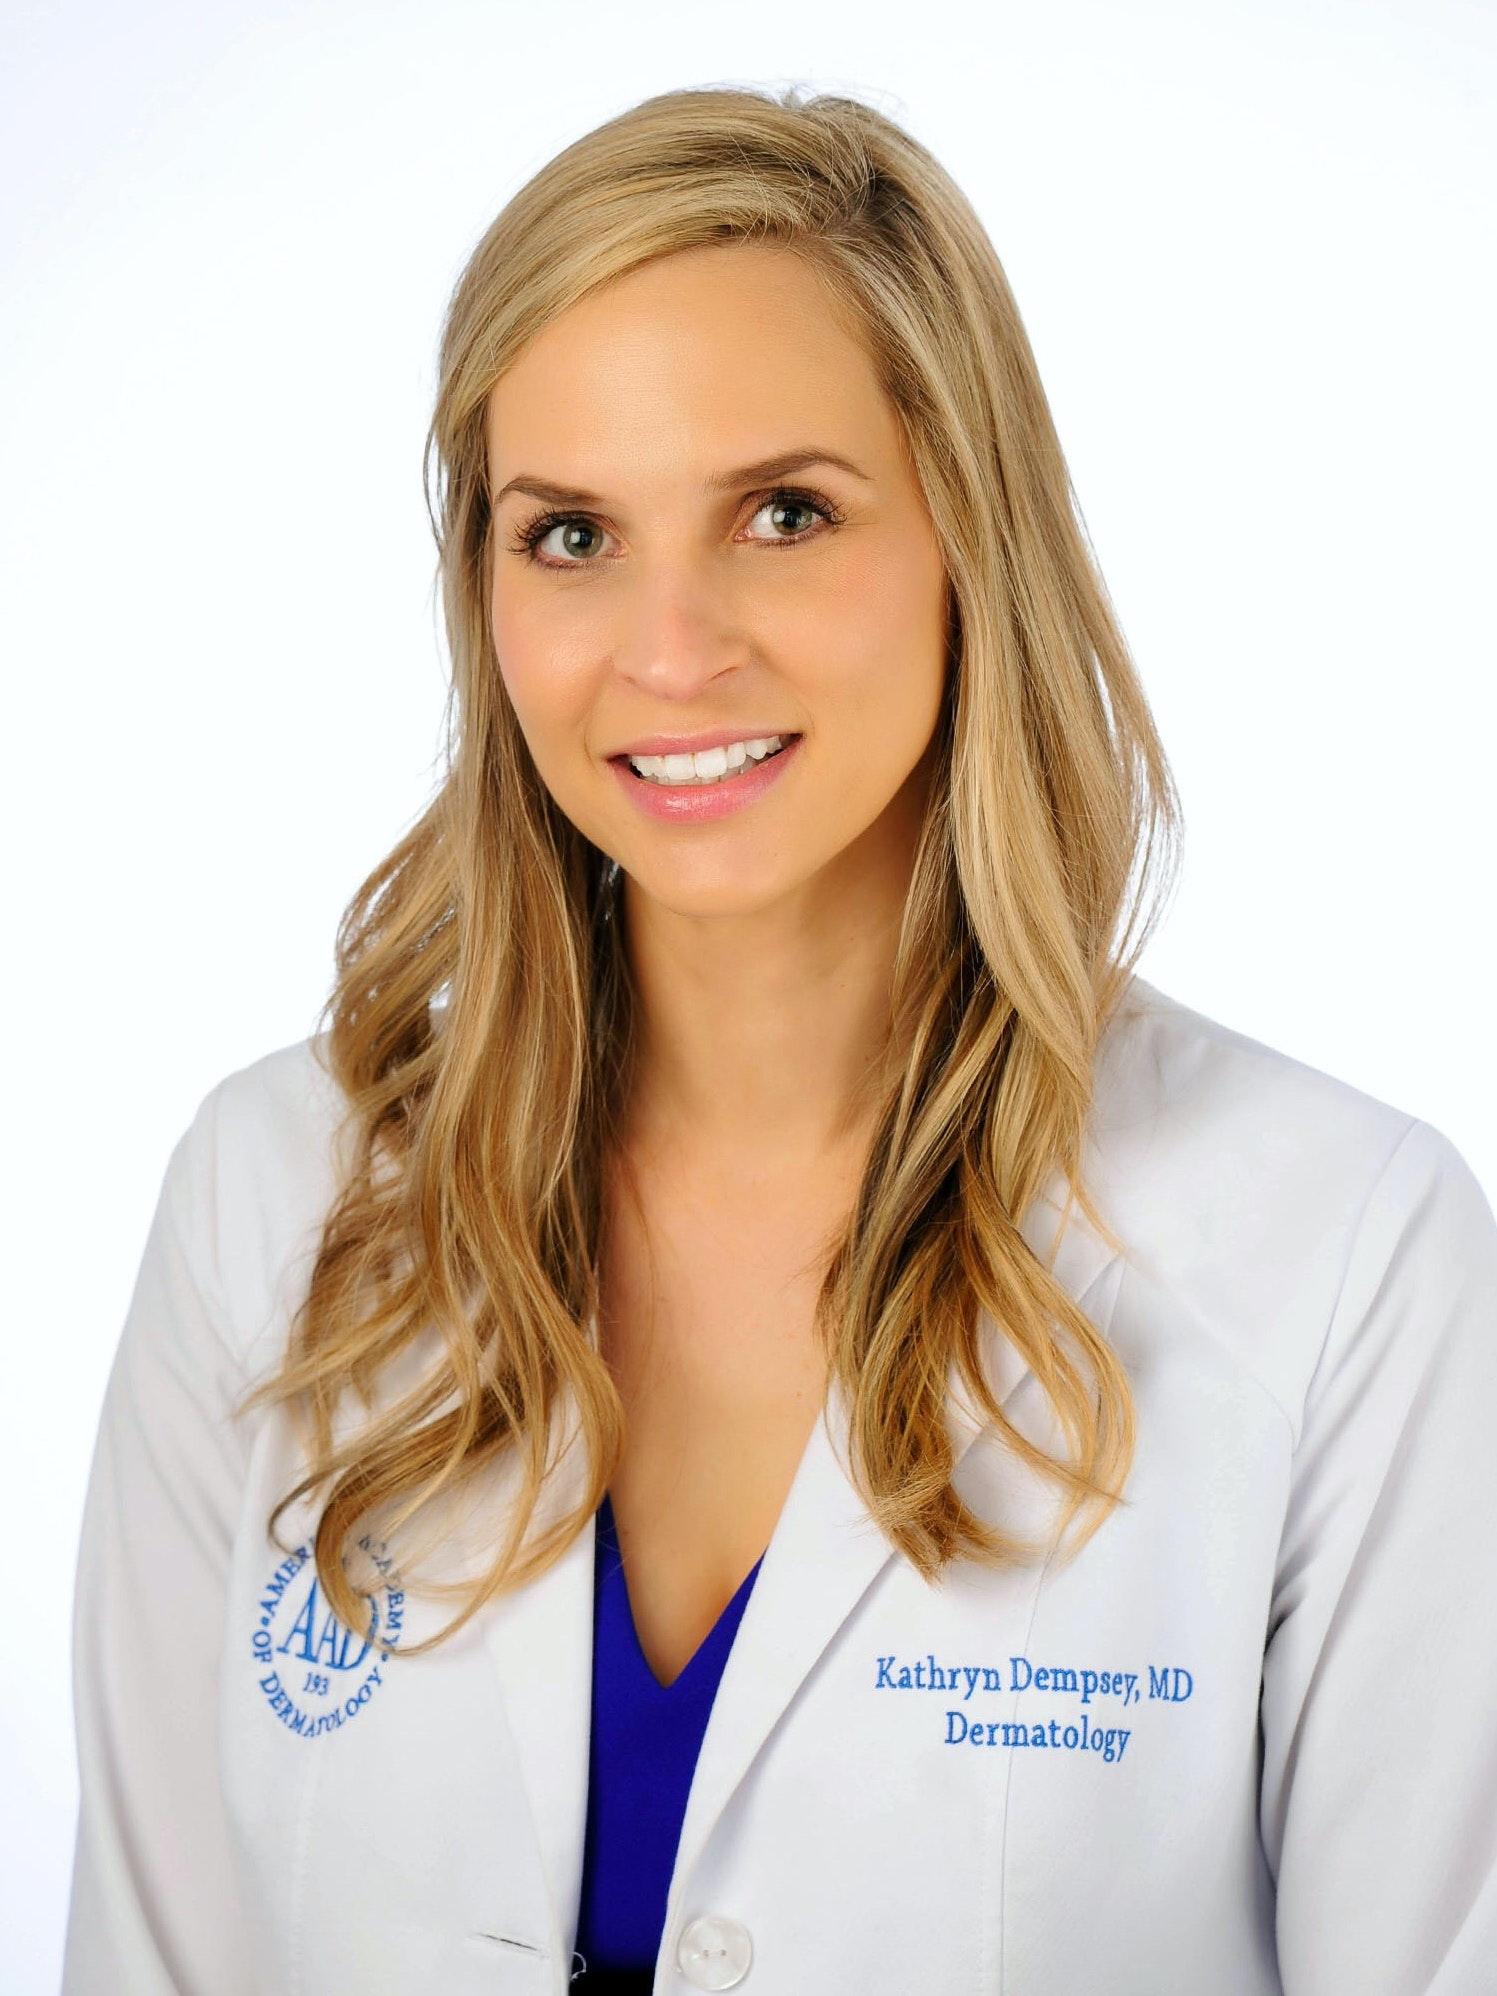 Dr. Kathryn Dempsey